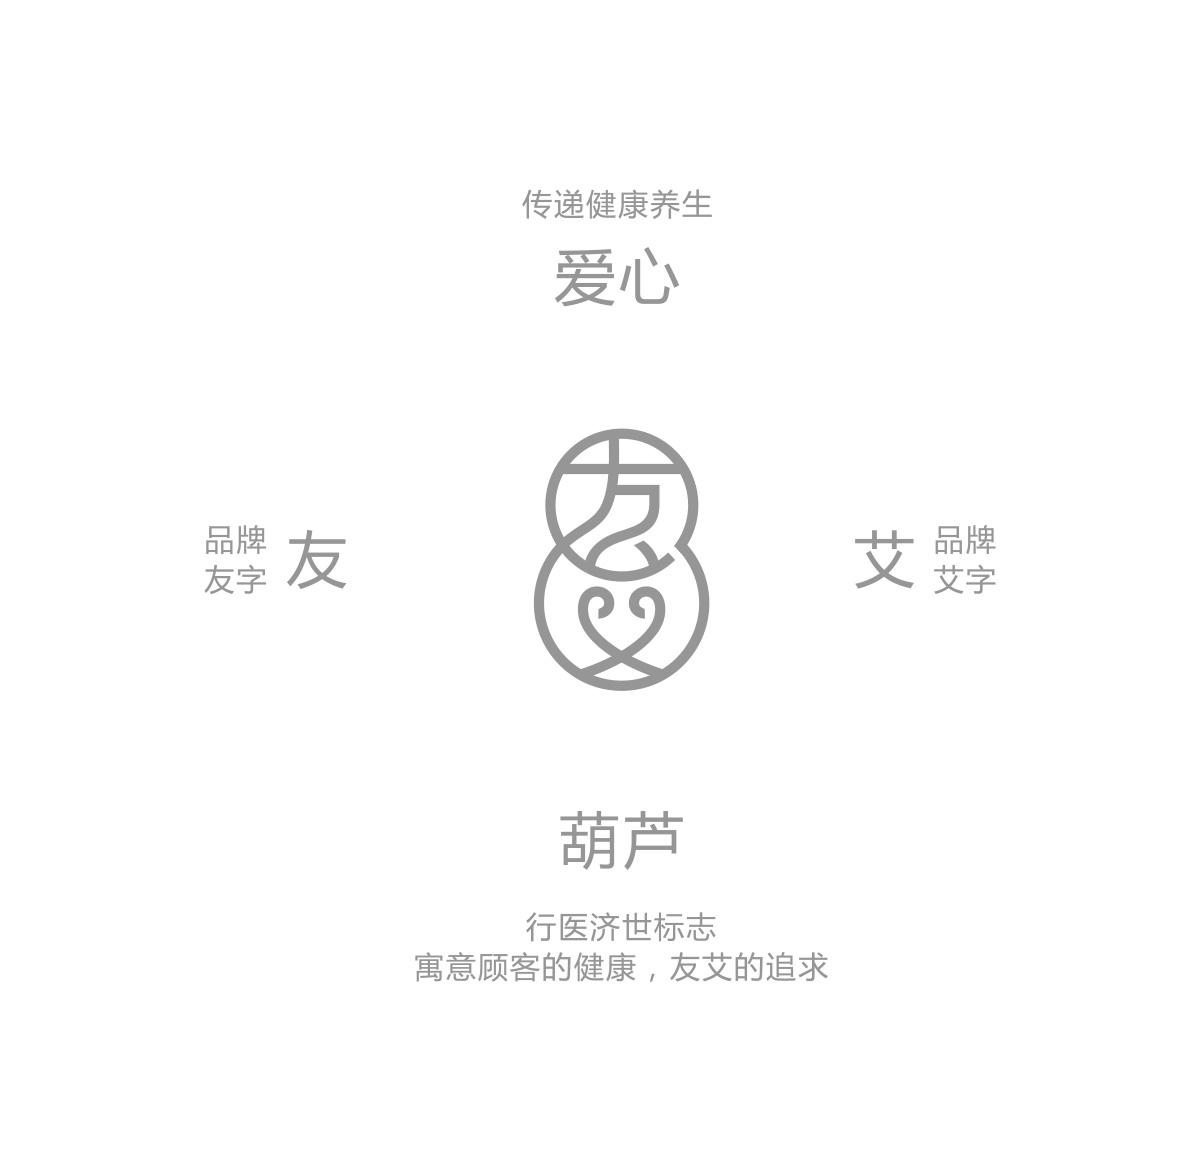 友艾公司案例_03.jpg